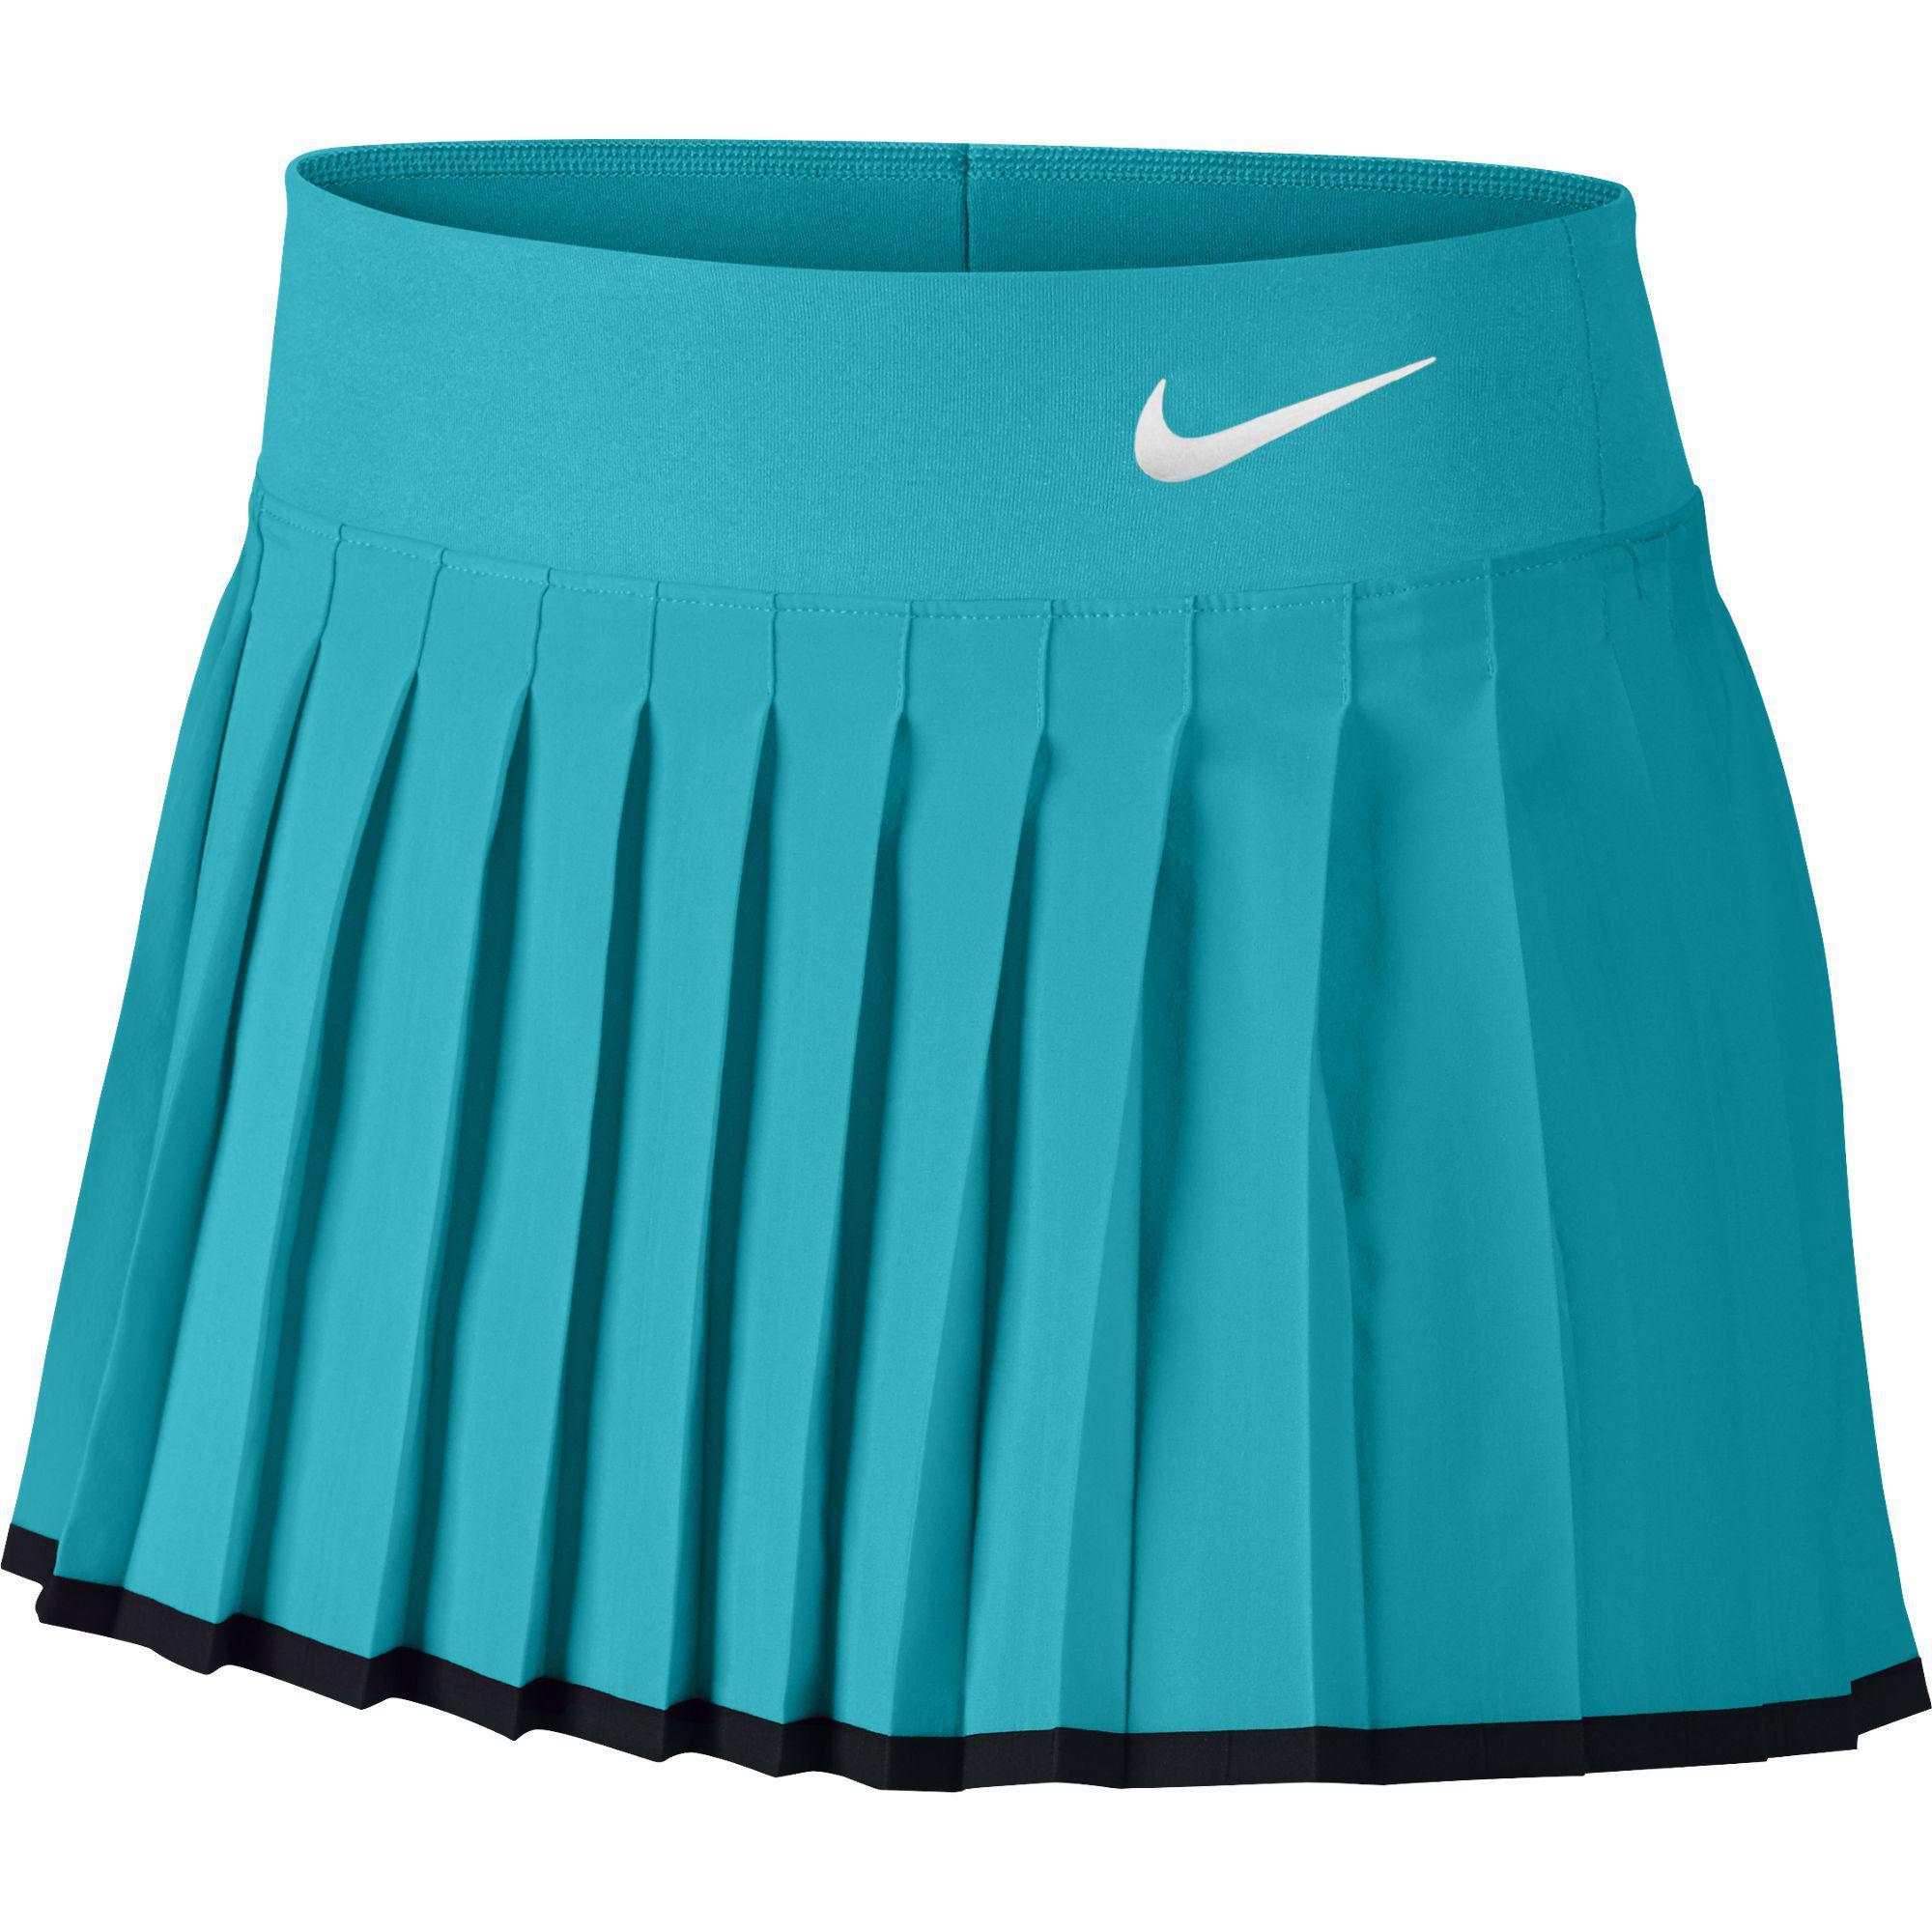 Nike Victory Tennis Skirt Girls Omega Blue/Black/White